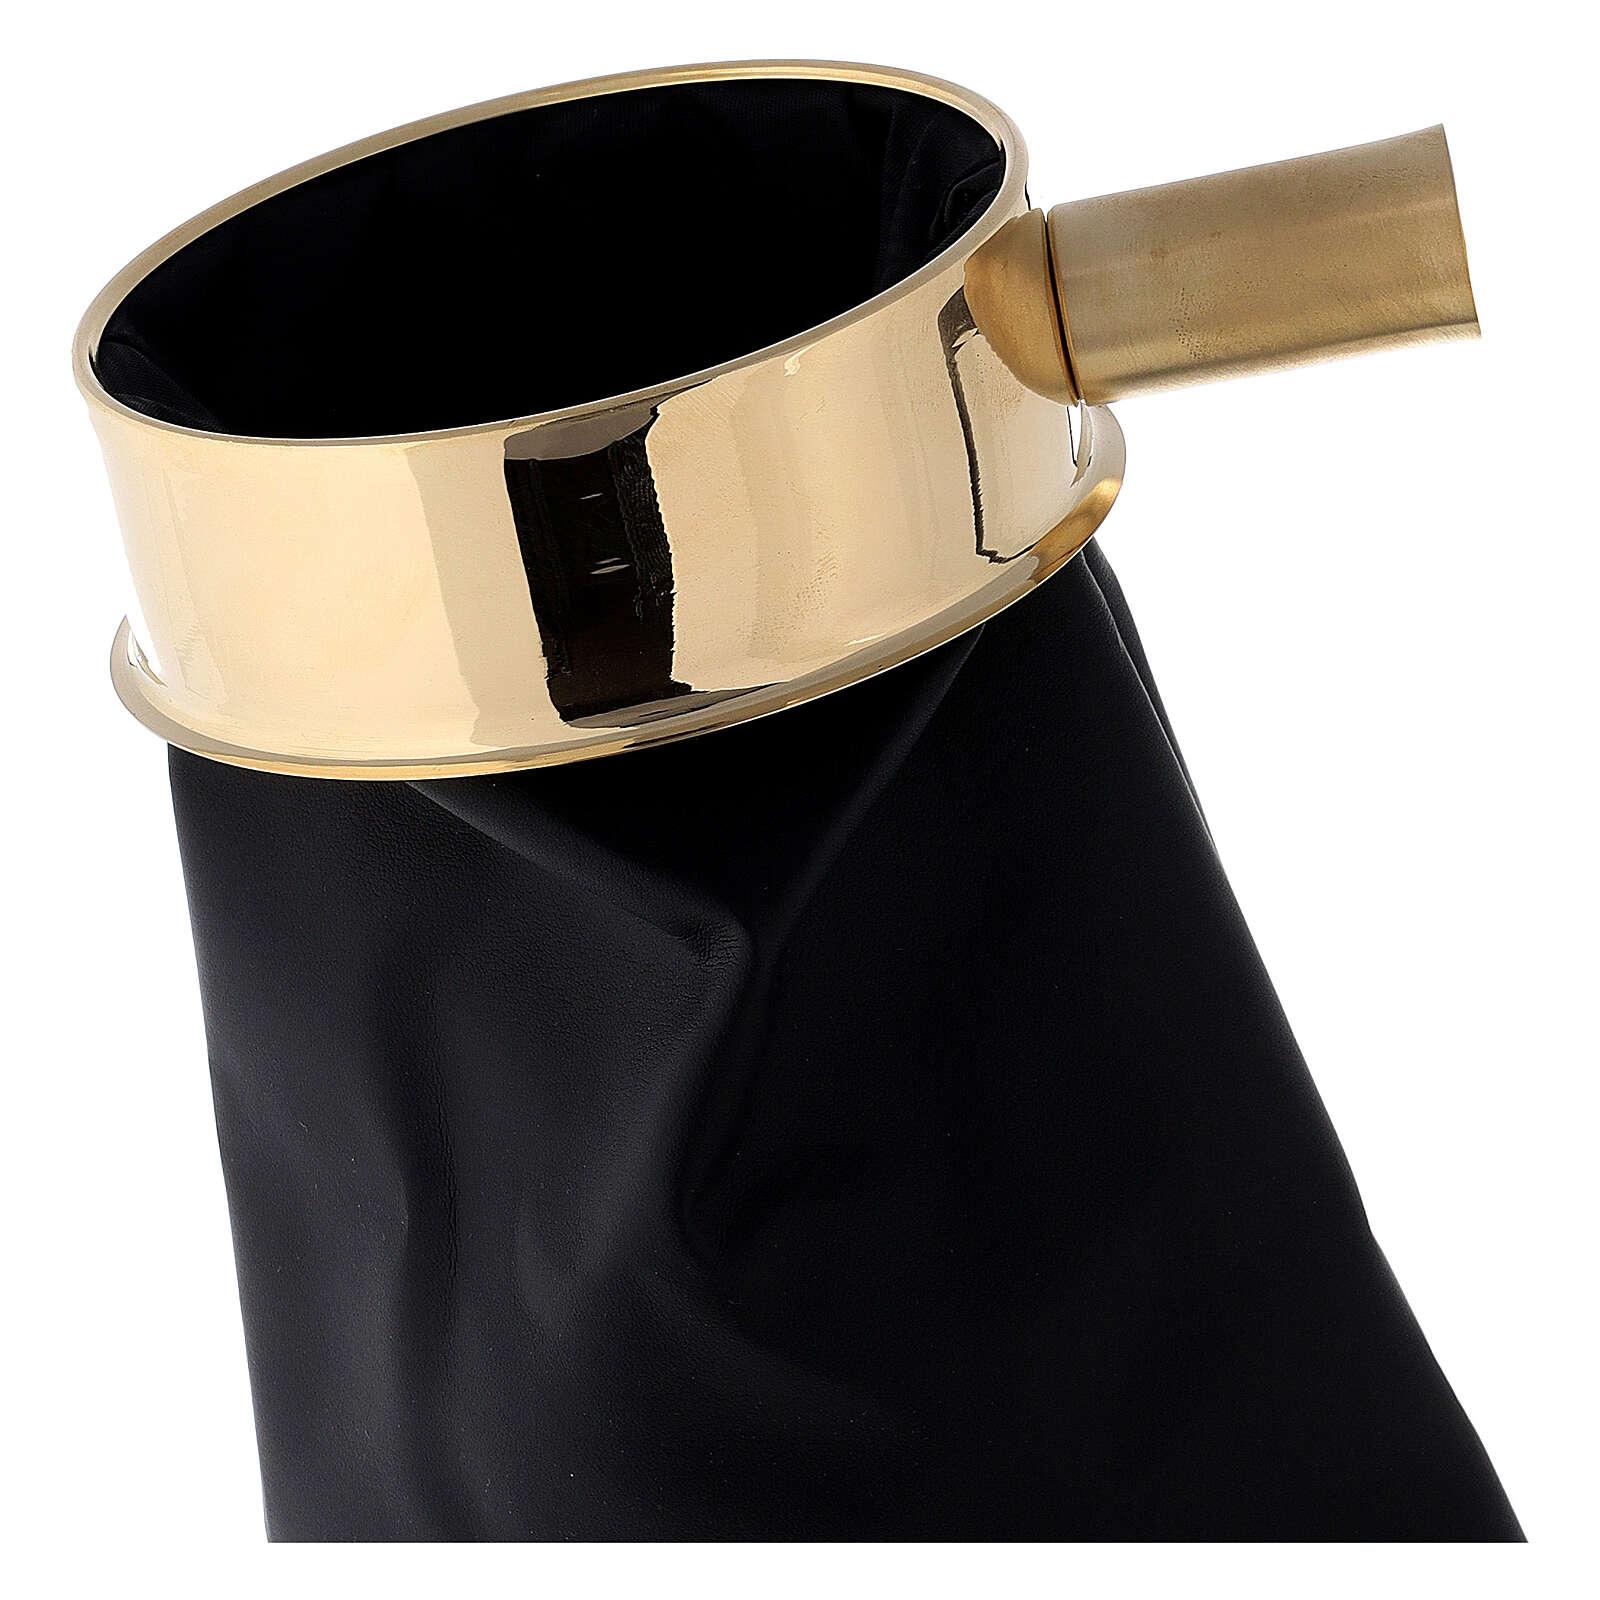 Sac cuir synthétique pour offrandes 30 cm avec support manche 3